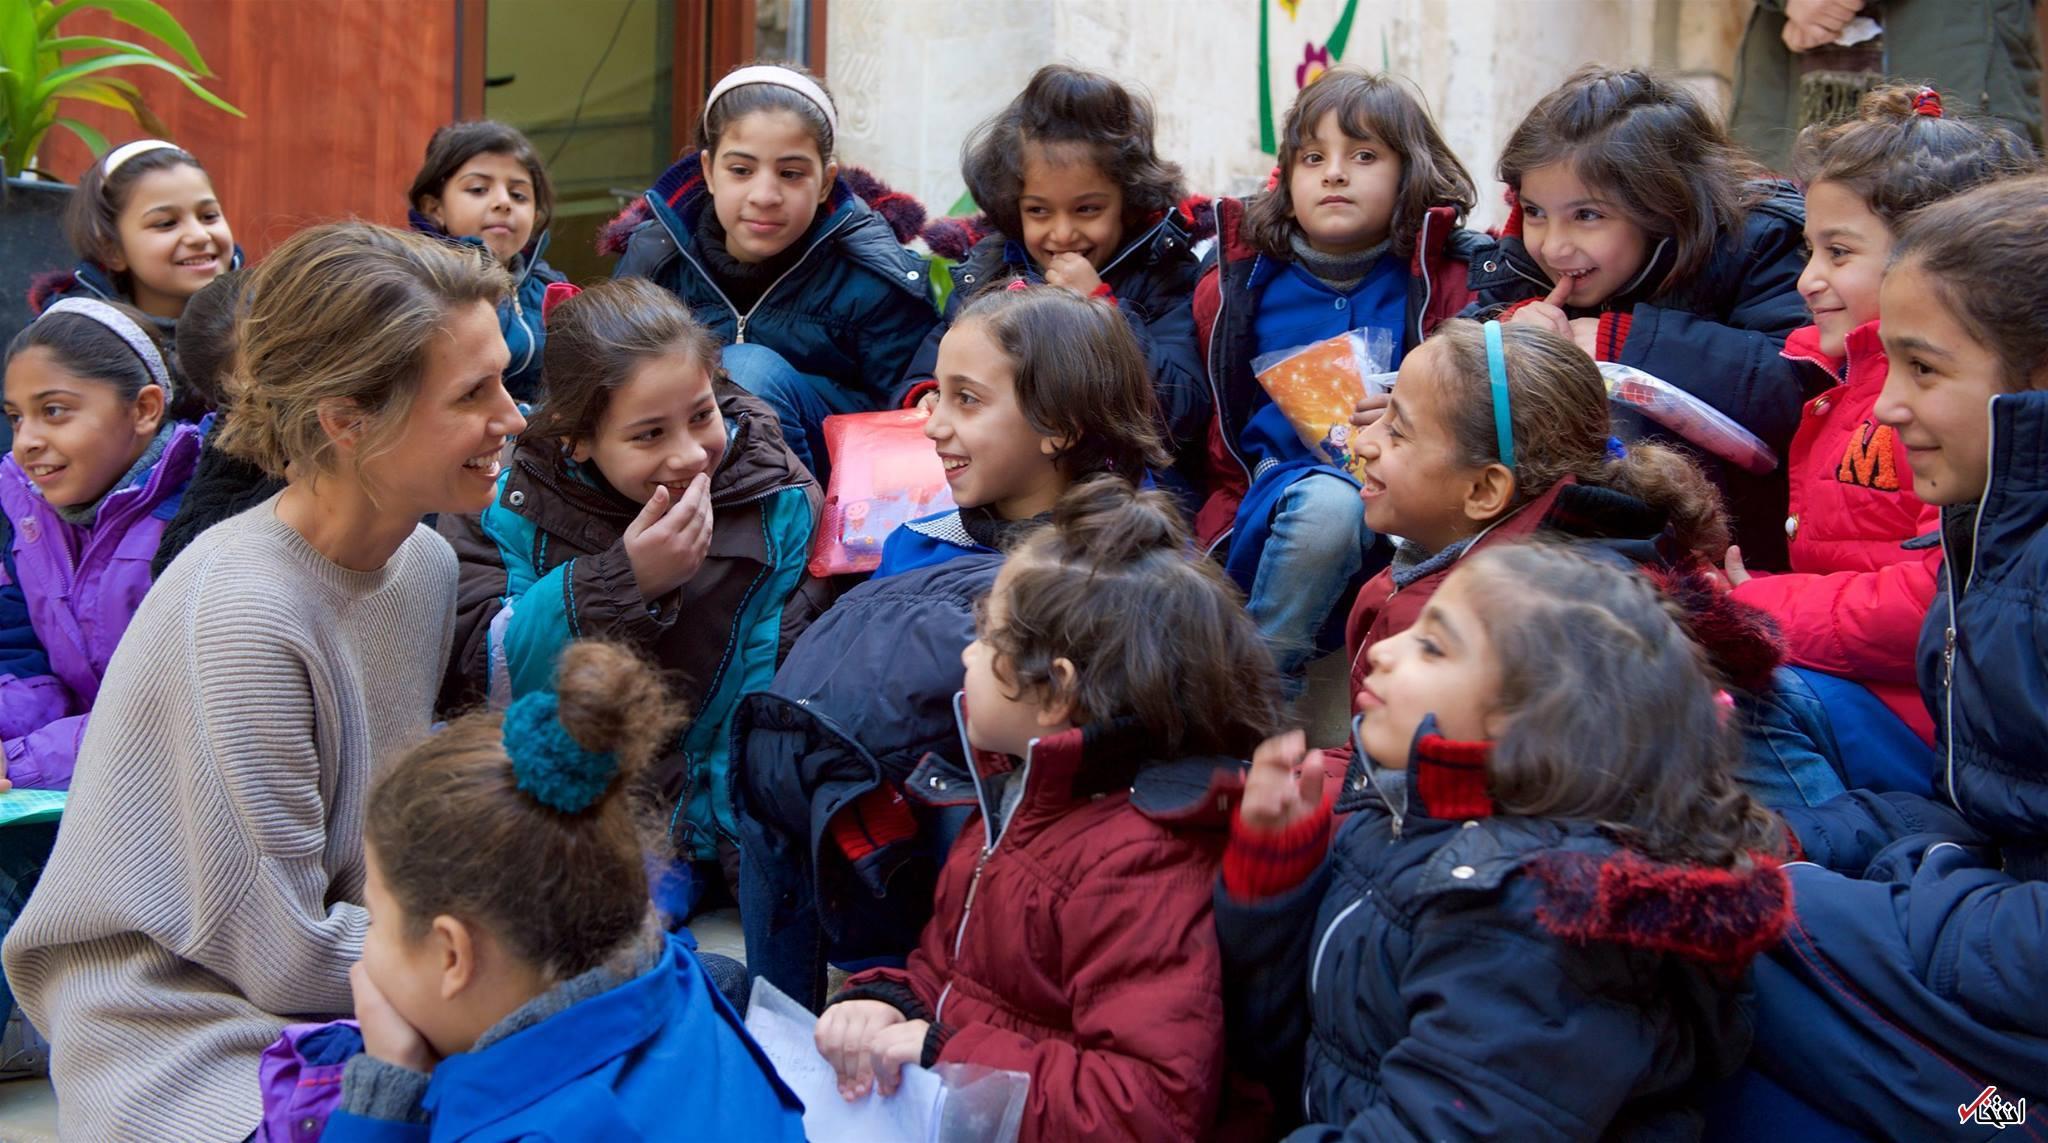 اخبار سینمای ایران     همسر بشار اسد به دیدن ایتام رفت عکس